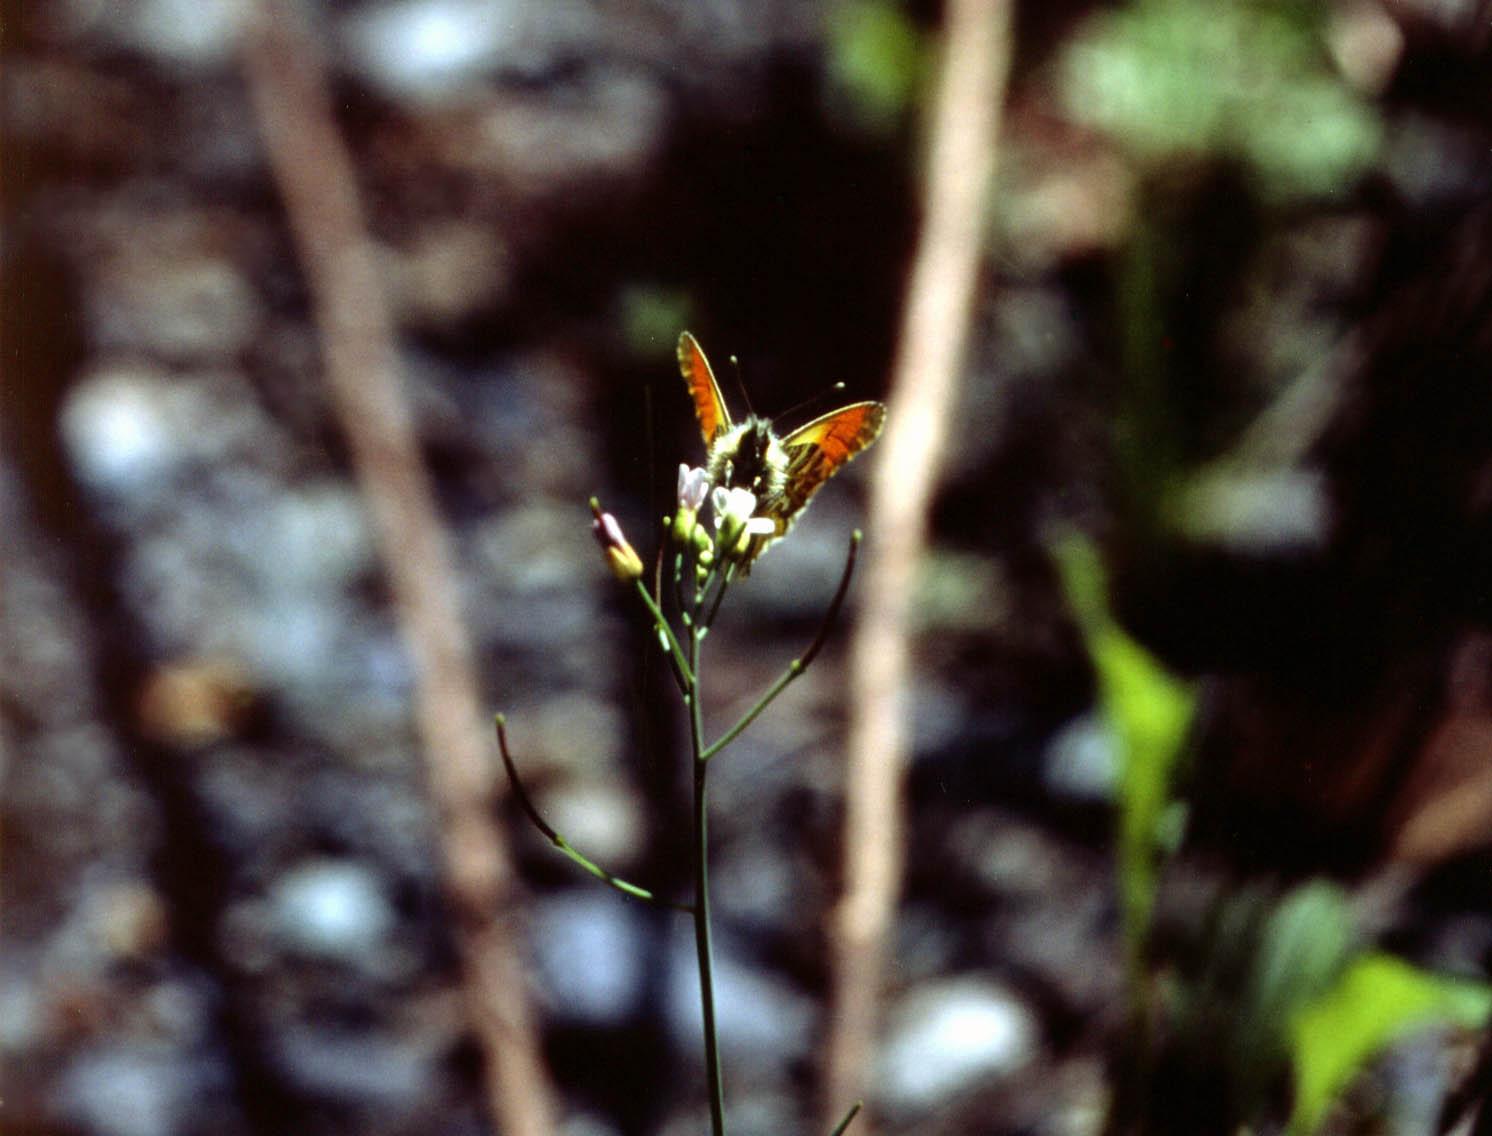 ハタザオで吸蜜するクモマツマキチョウ♂(正面)